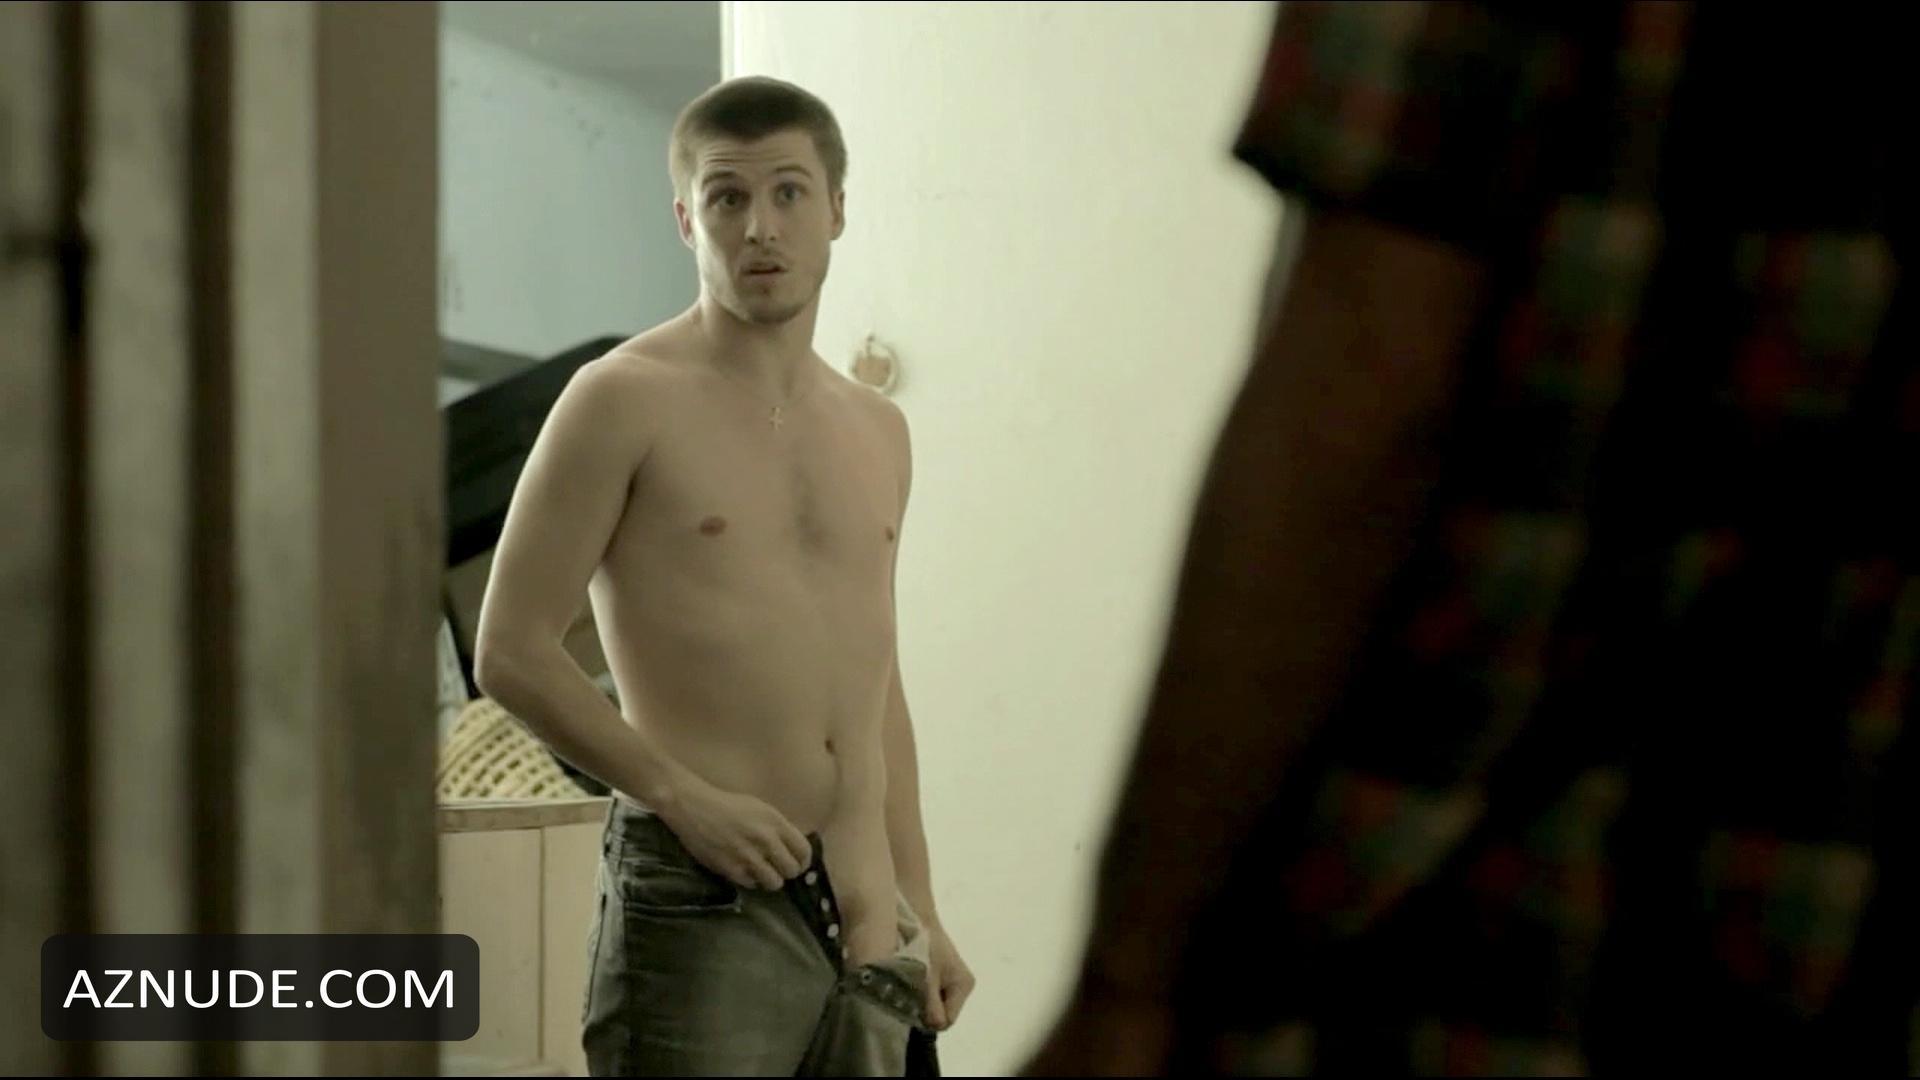 nude Celebrity hot male